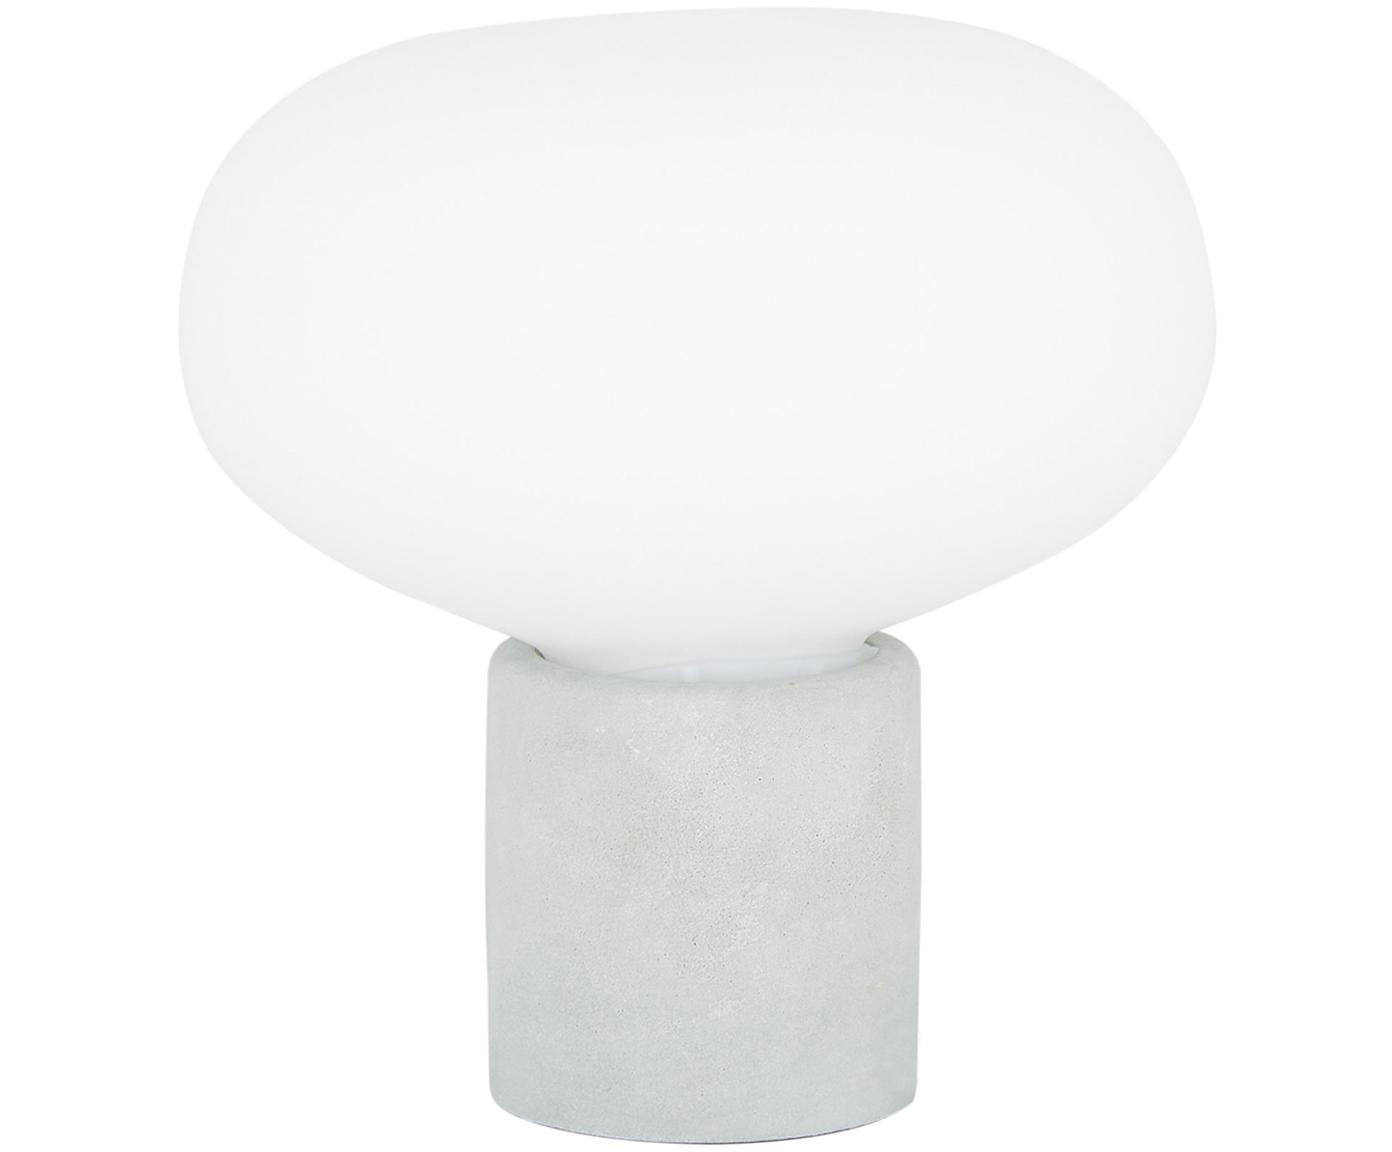 Tischleuchte Alma mit Betonfuß, Lampenfuß: Beton, Lampenschirm: Glas, Lampenfuß: Grauer BetonLampenschirm: Weiß, Ø 23 x H 24 cm